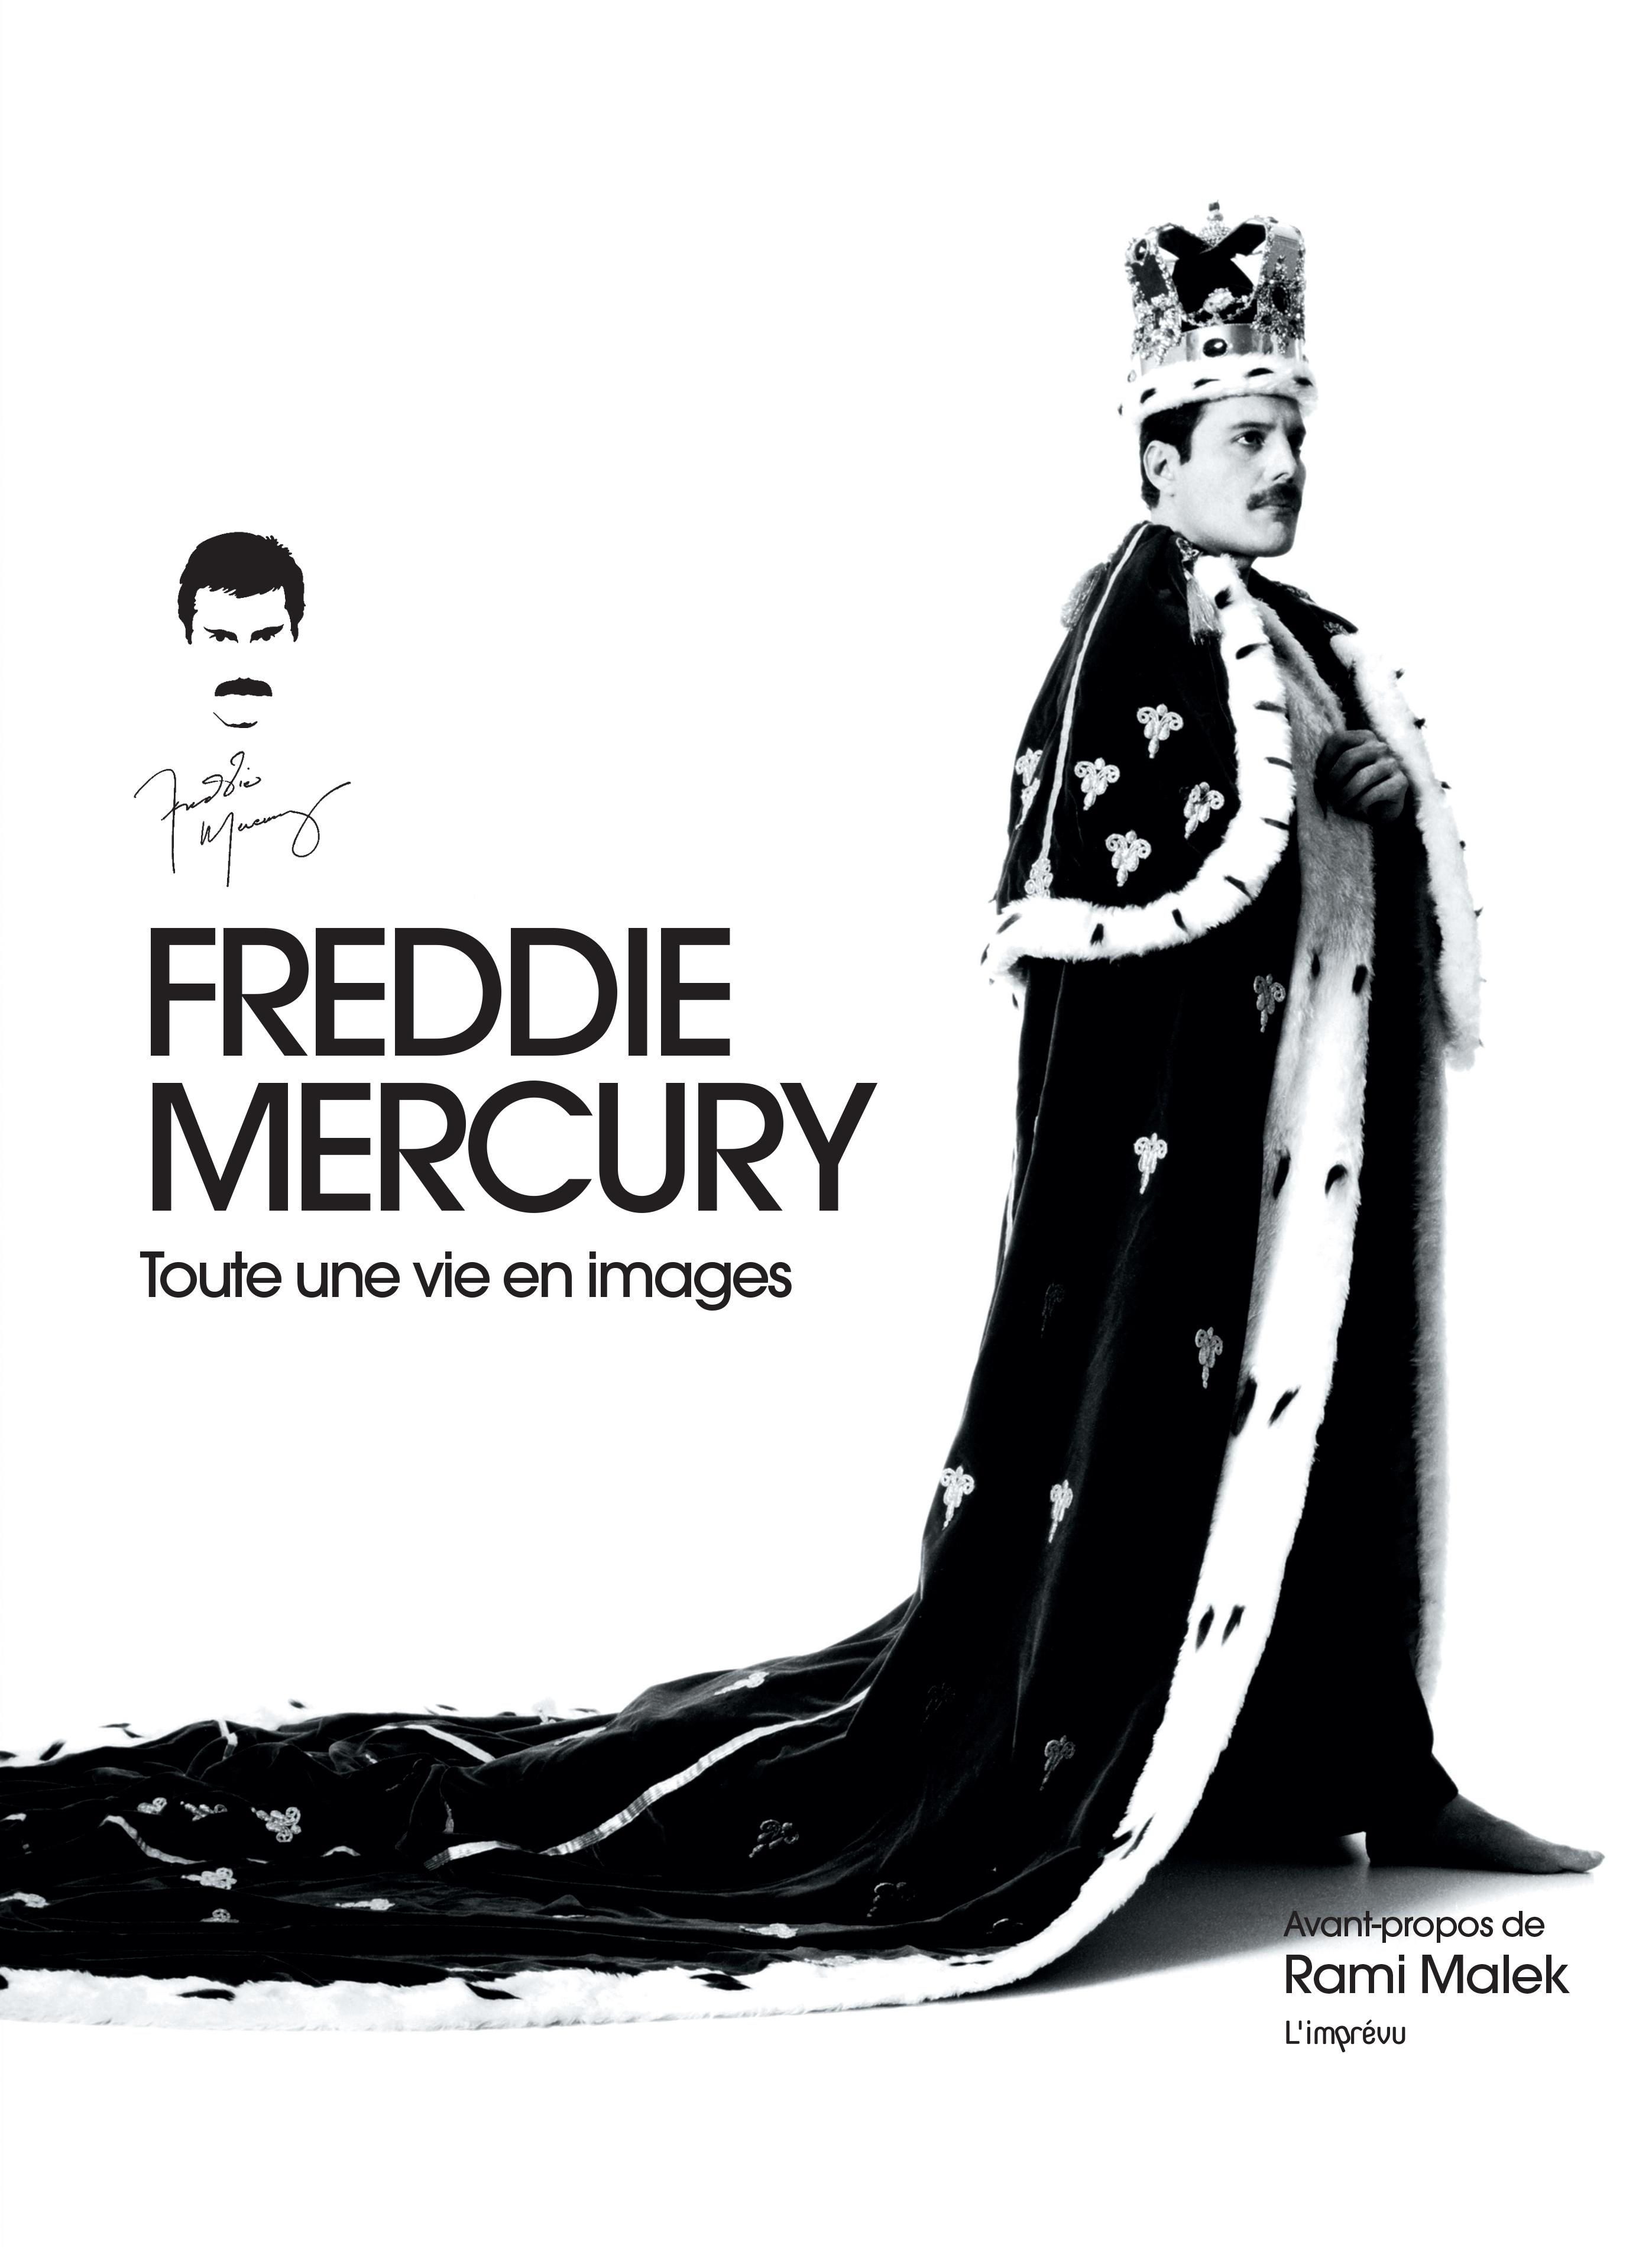 FREDDIE MERCURY TOUTE UNE VIE EN IMAGES